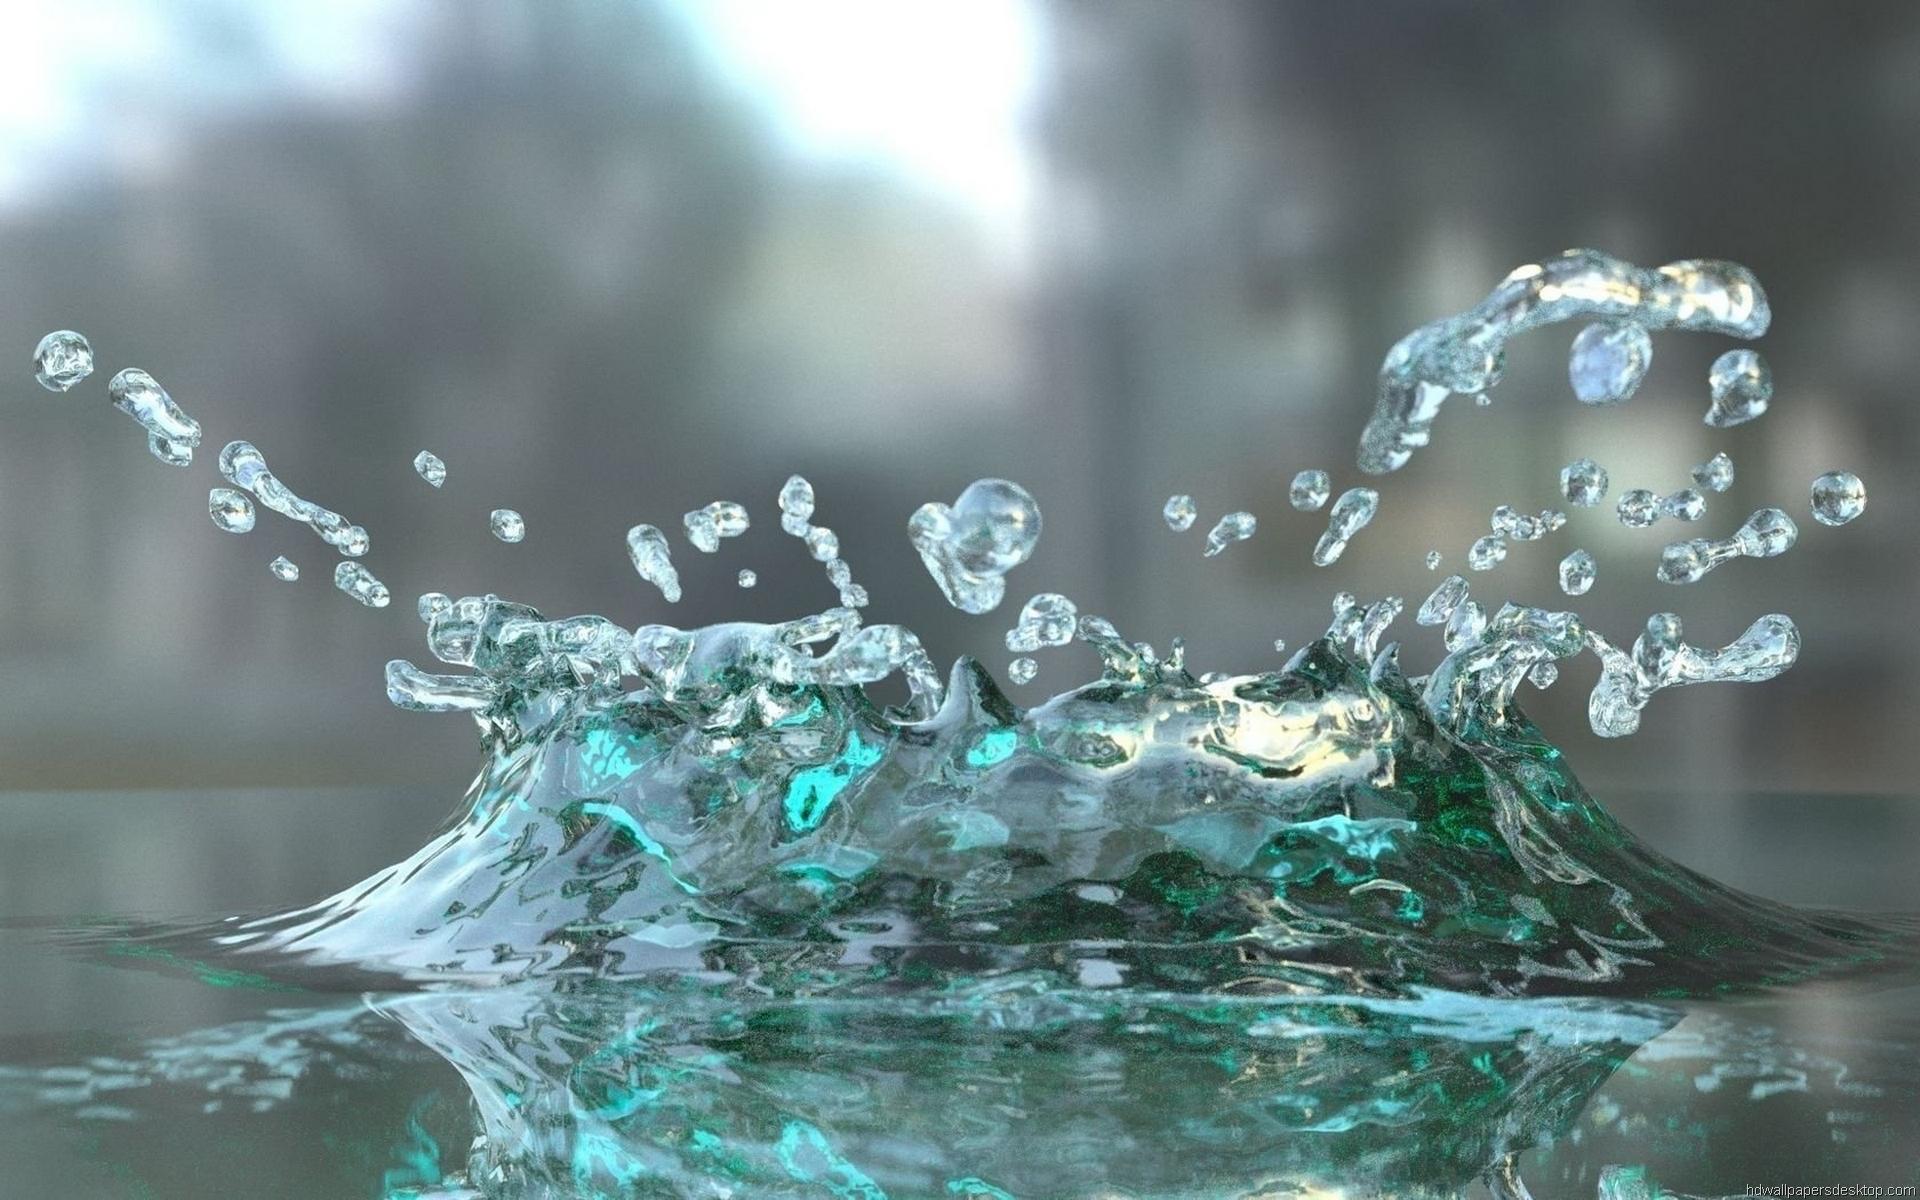 Water Drop Wallpapers WallpaperSafari